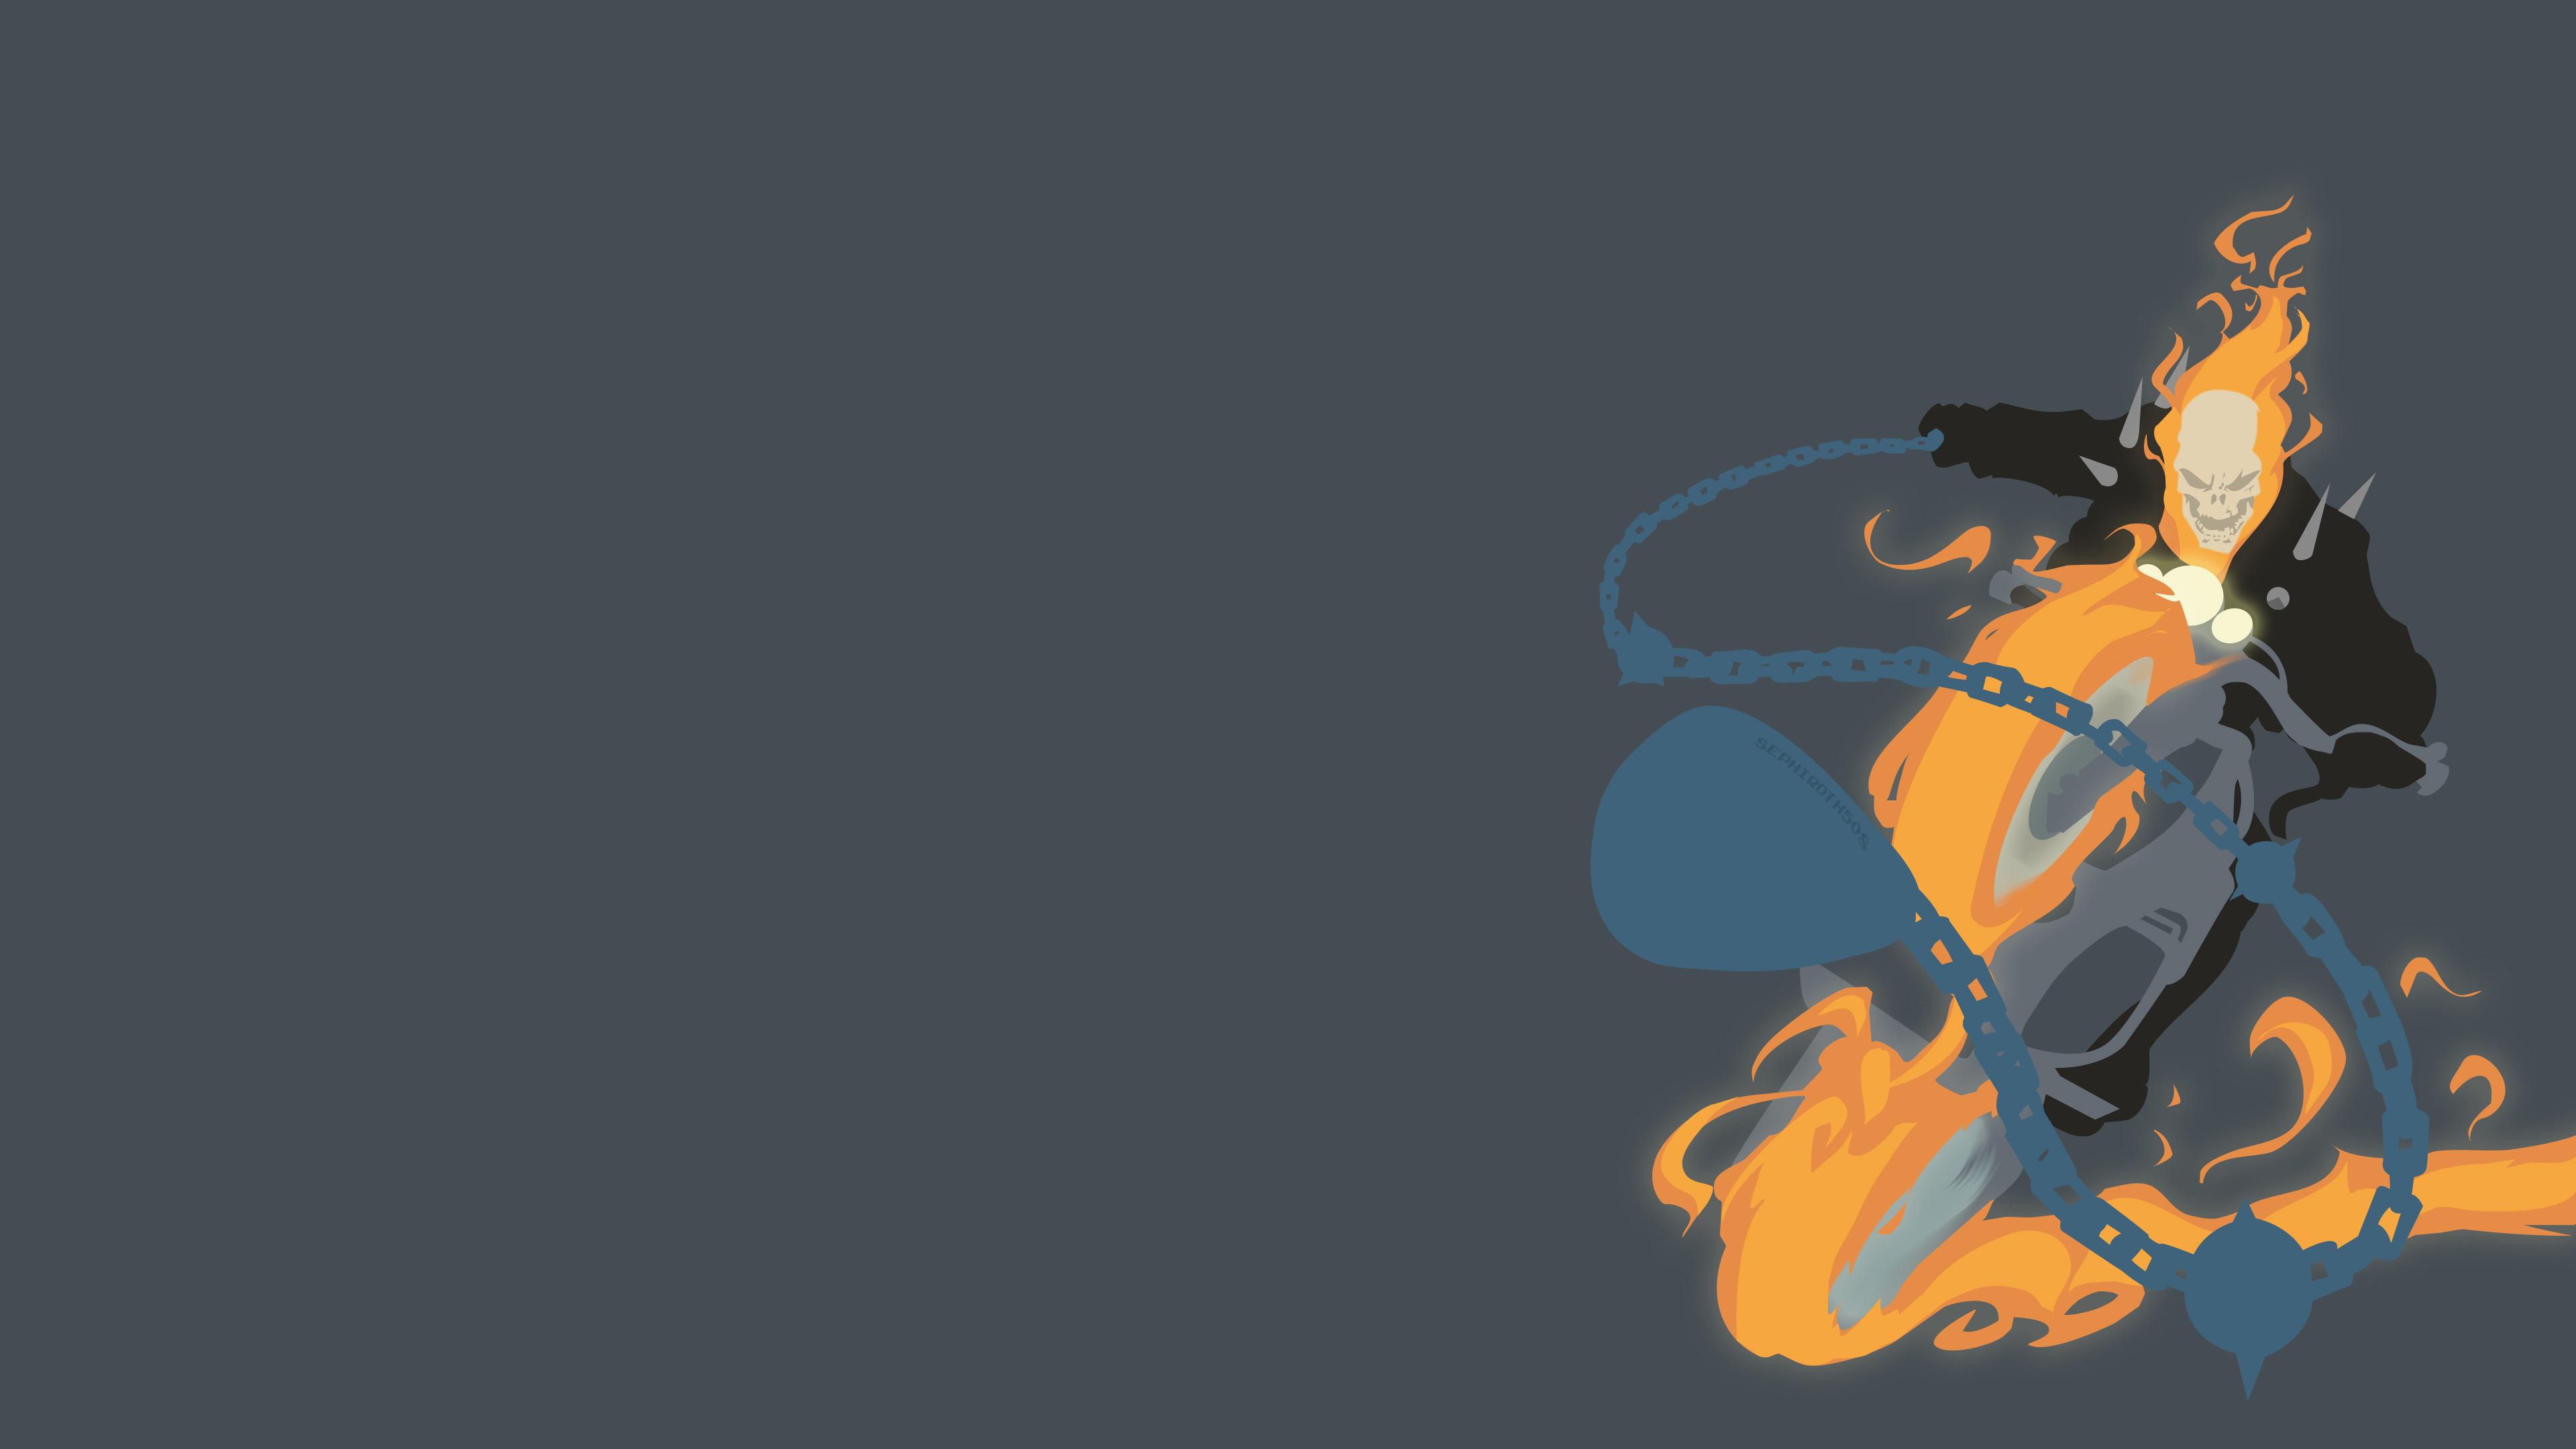 ghost rider minimalism 4k, hd superheroes, 4k wallpapers, images